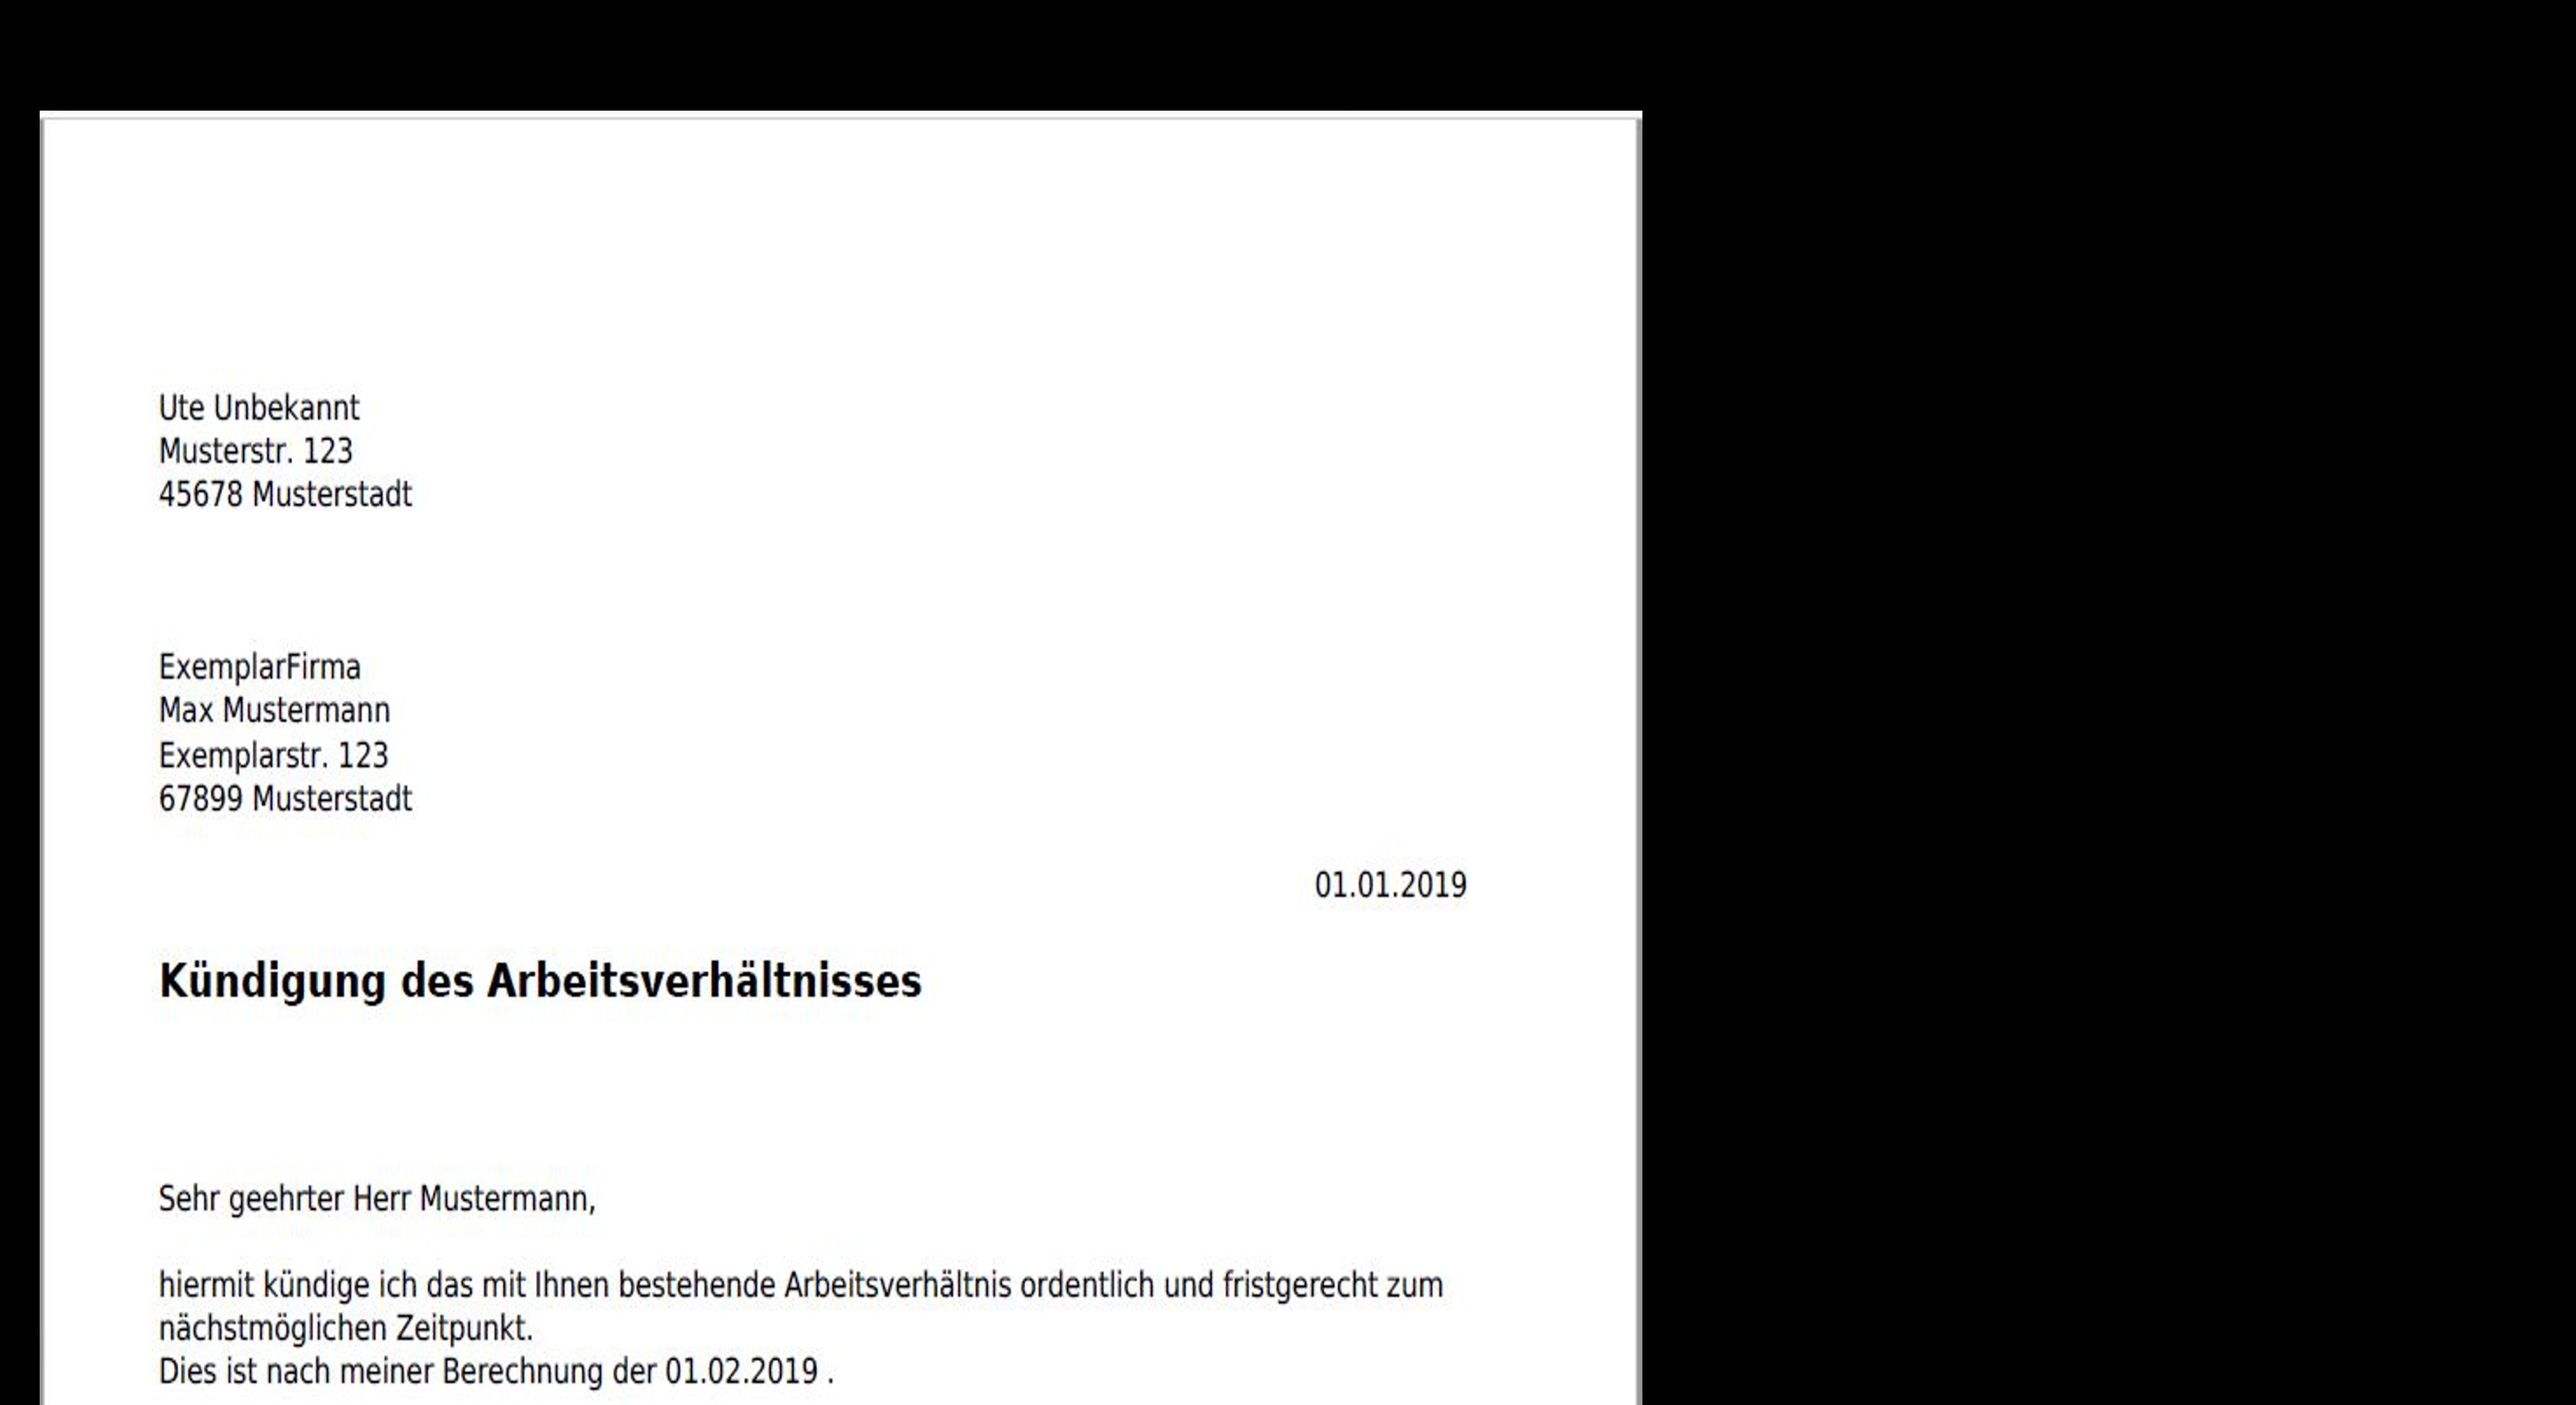 Großansicht: Muster der fertigen PDF einer formgerechten Kündigung des Arbeitsverhältnisses